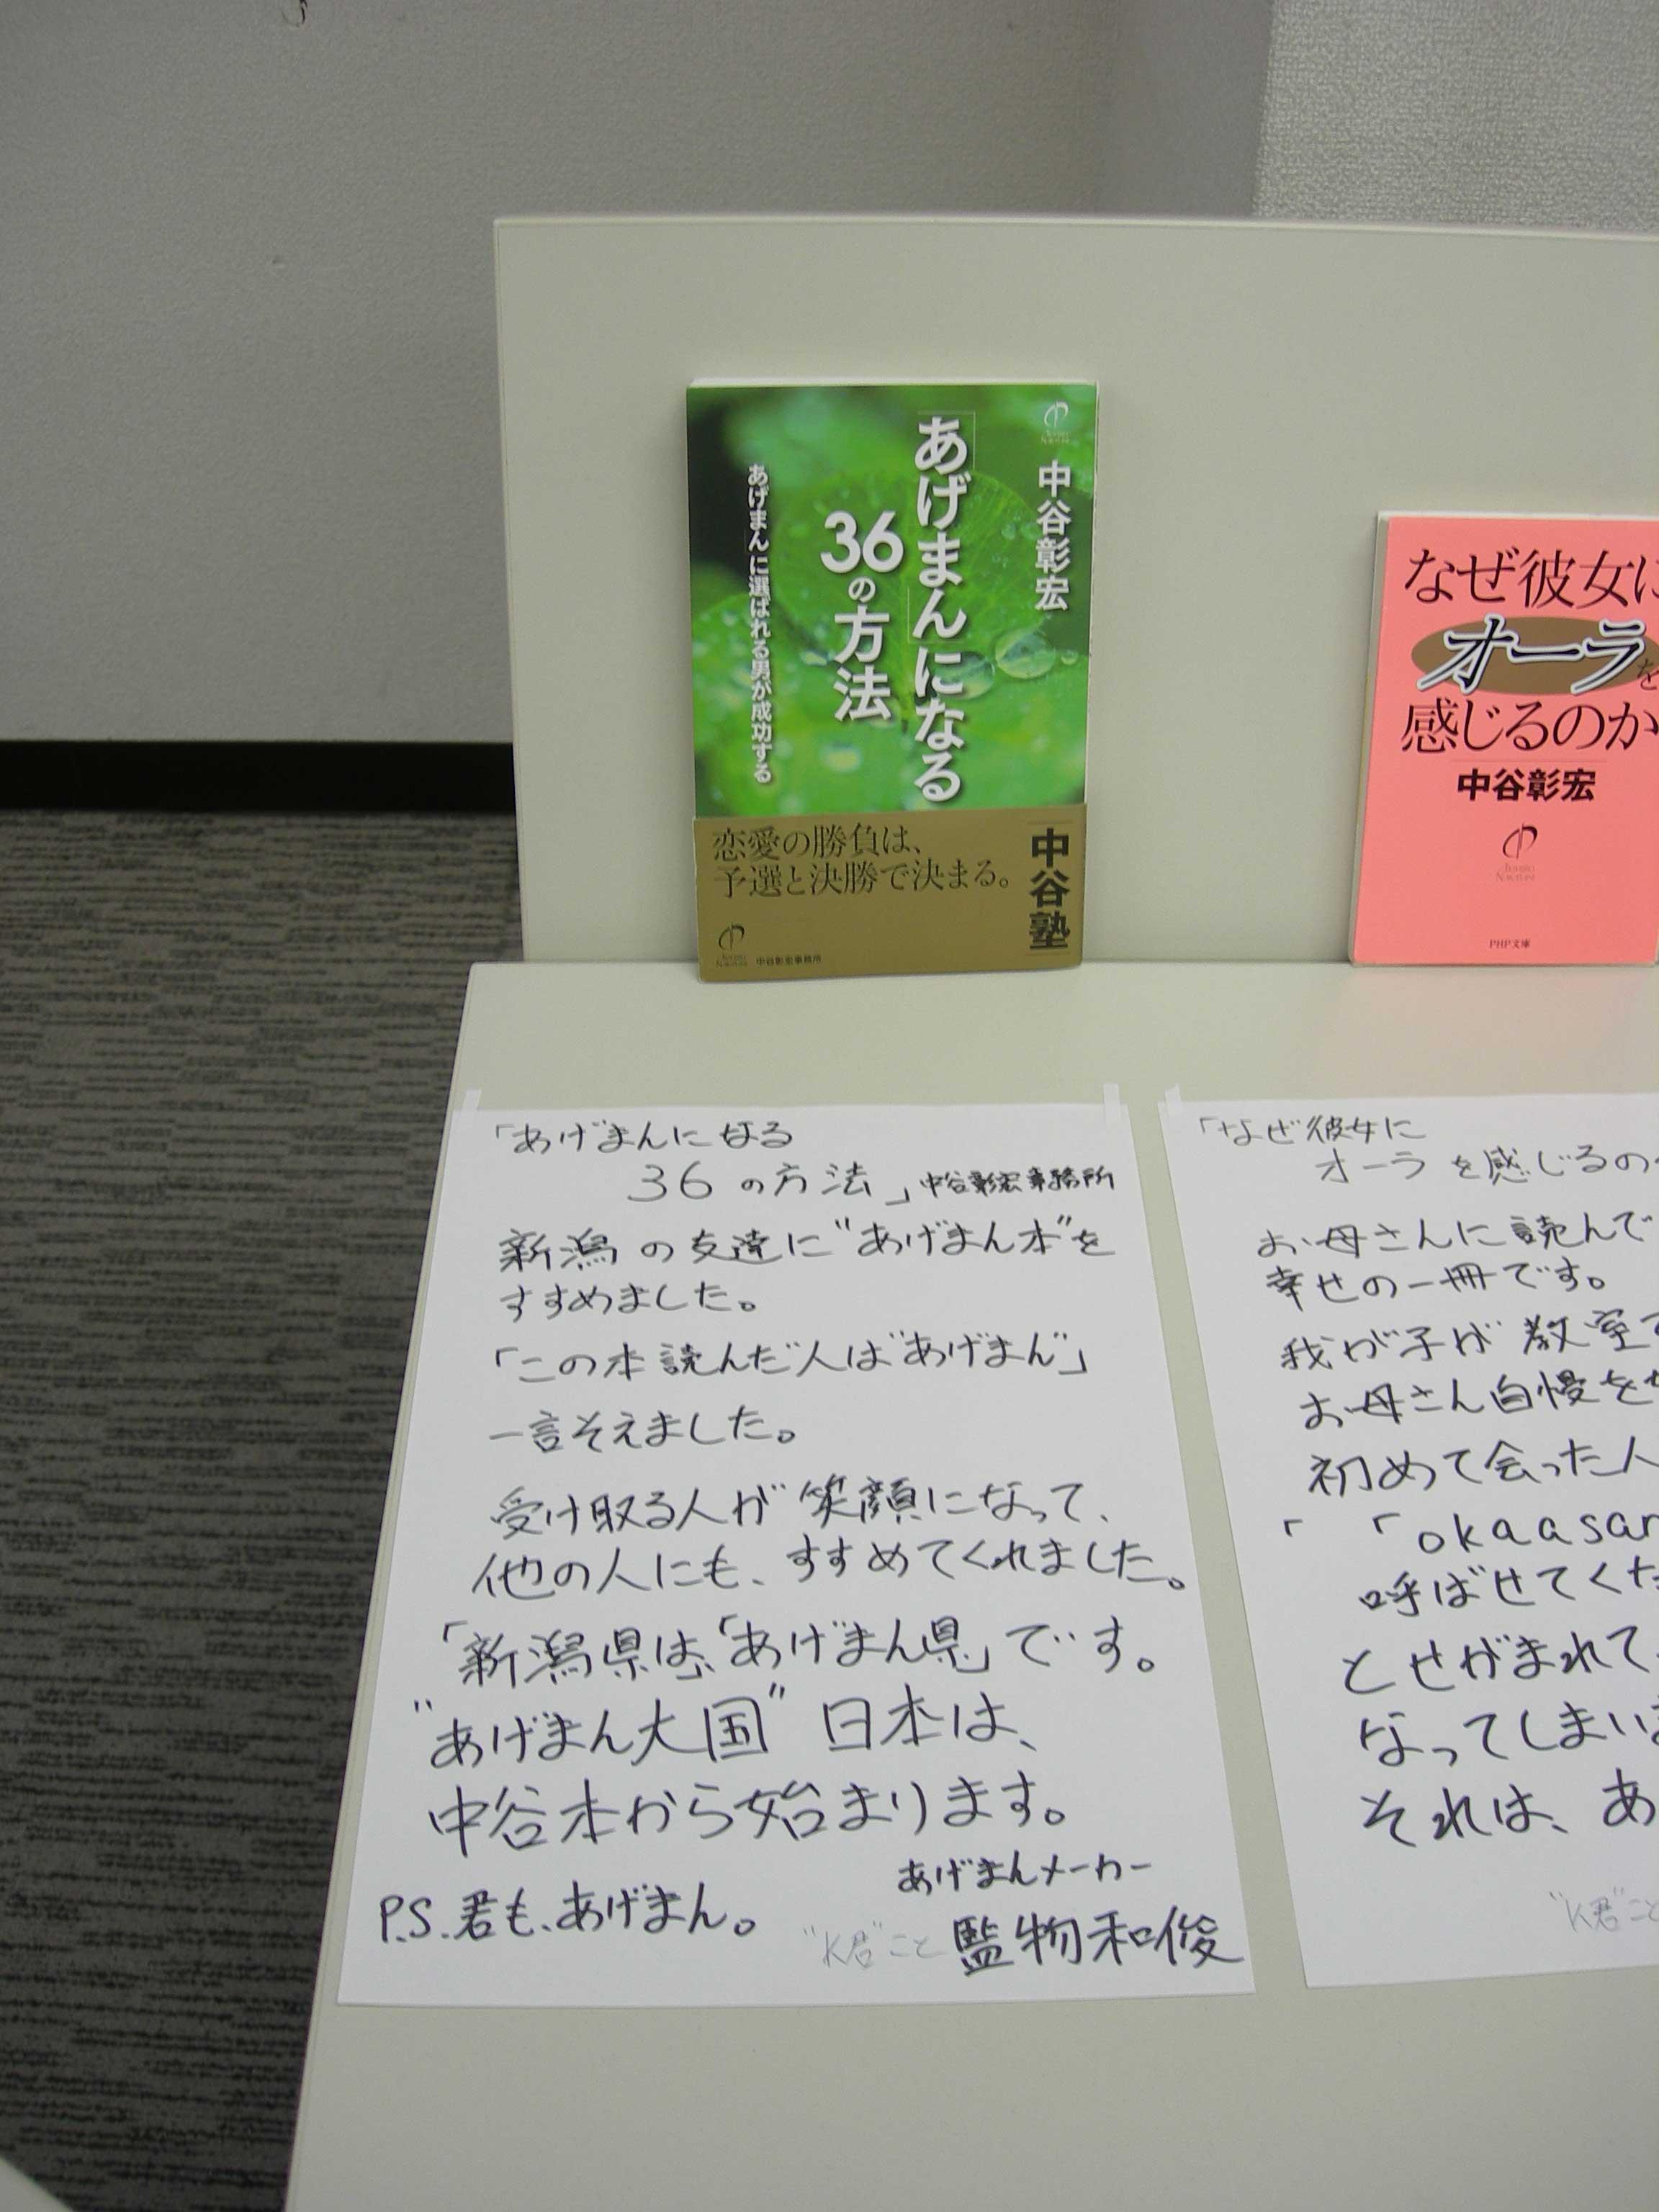 20100516_紹介文_監物和俊さん_4.jpg